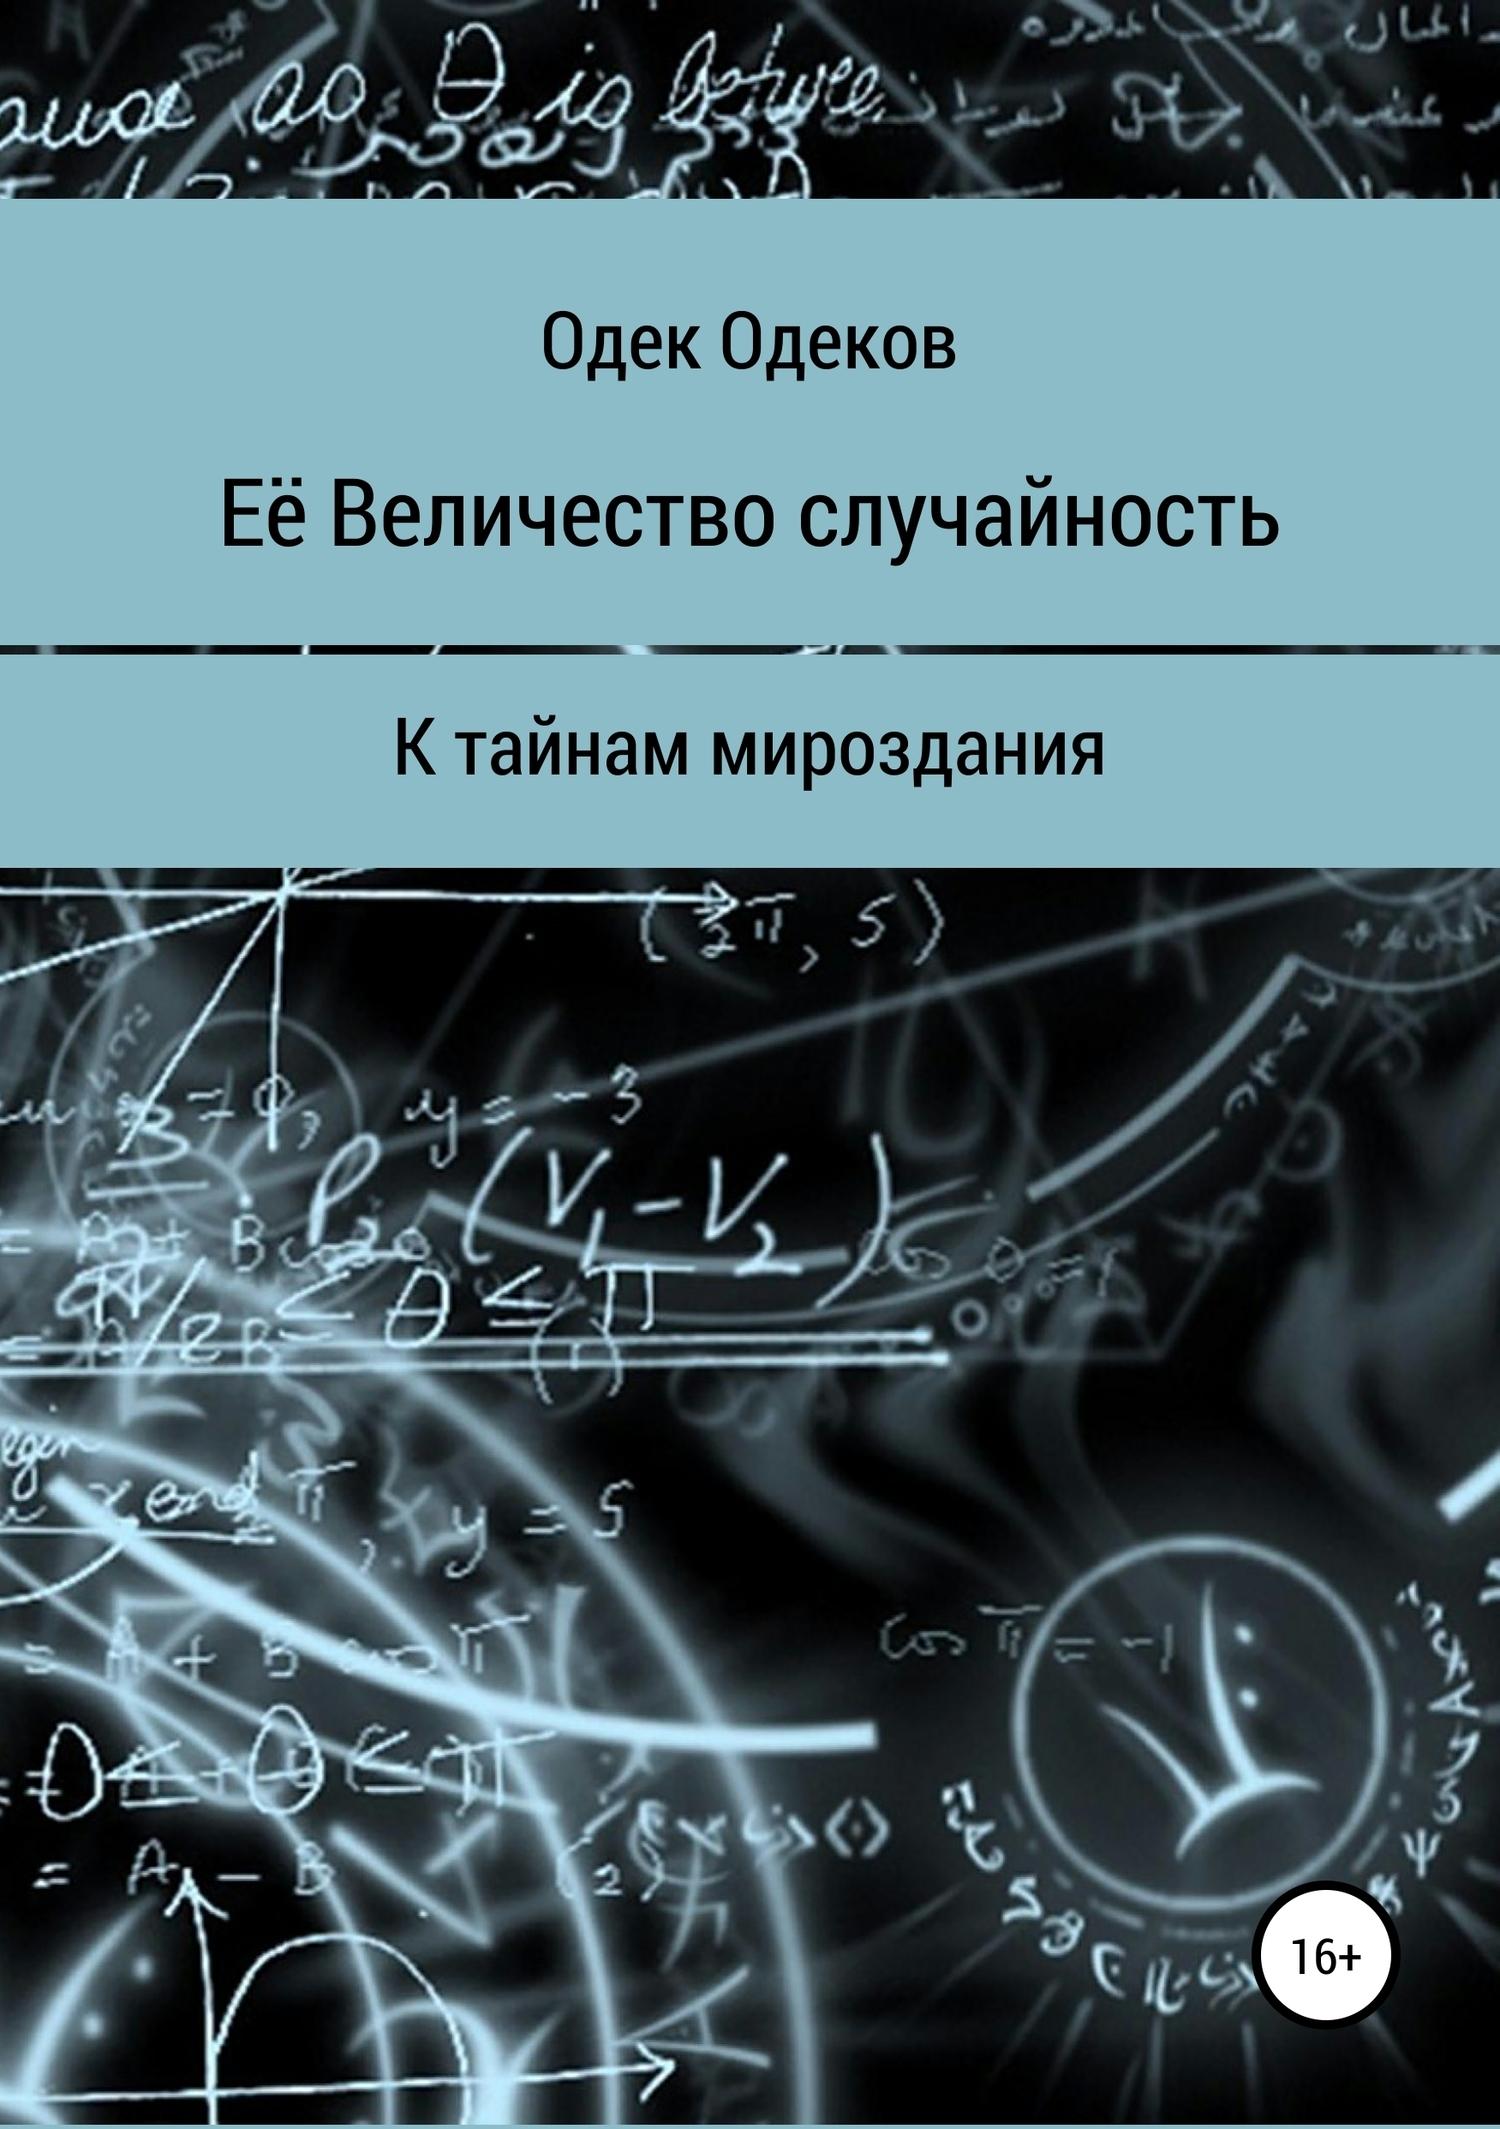 Одек Одеков - Её Величество случайность